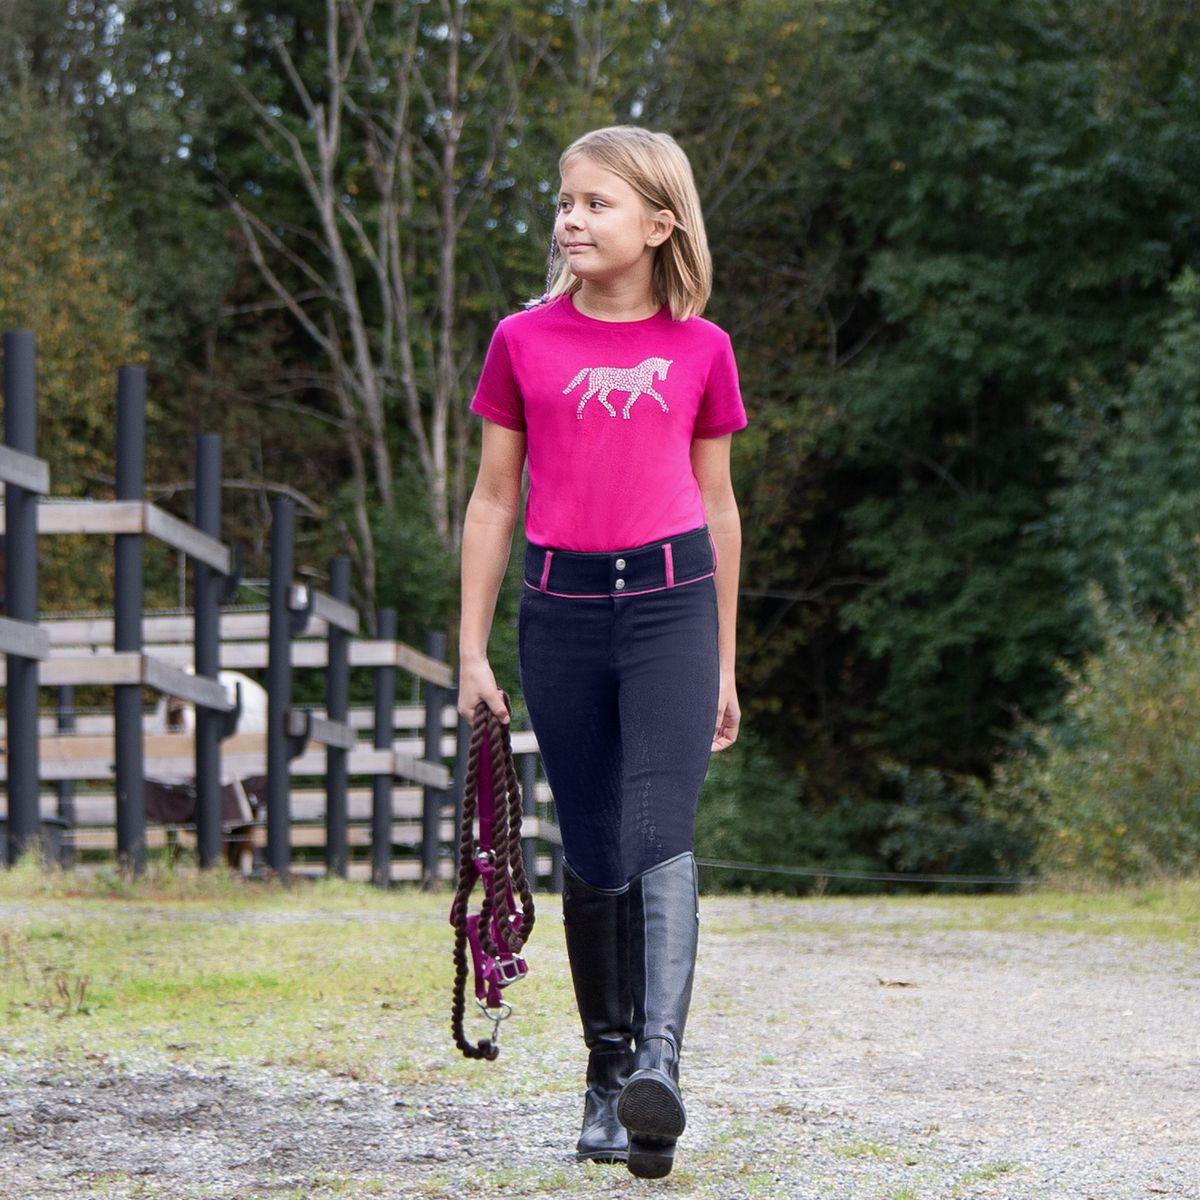 Ridebukser designet til børn er mindre og har typisk mere stretch end voksenbukser